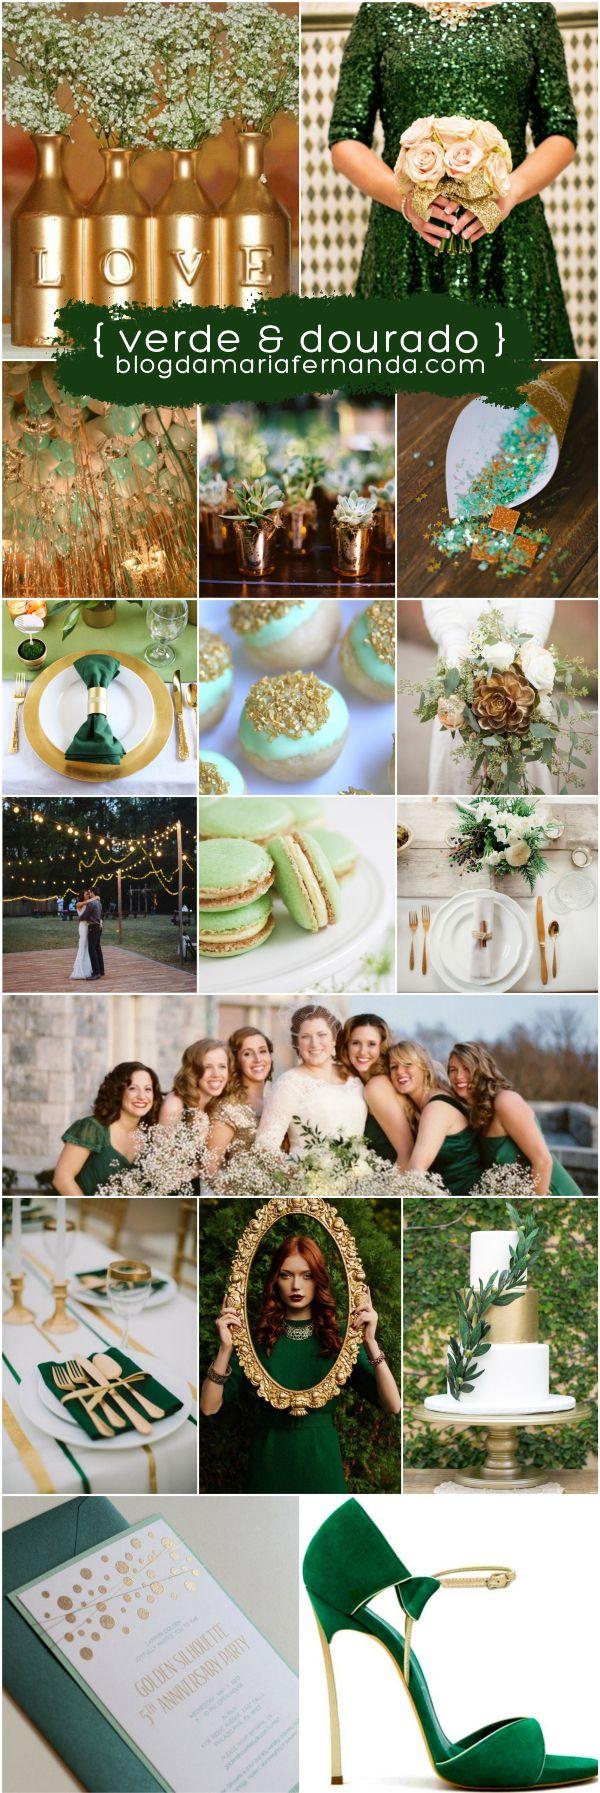 Decoração de Casamento : Paleta de Cores Verde e Dourado | http://blogdamariafernanda.com/decoracao-de-casamento-verde-e-dourado